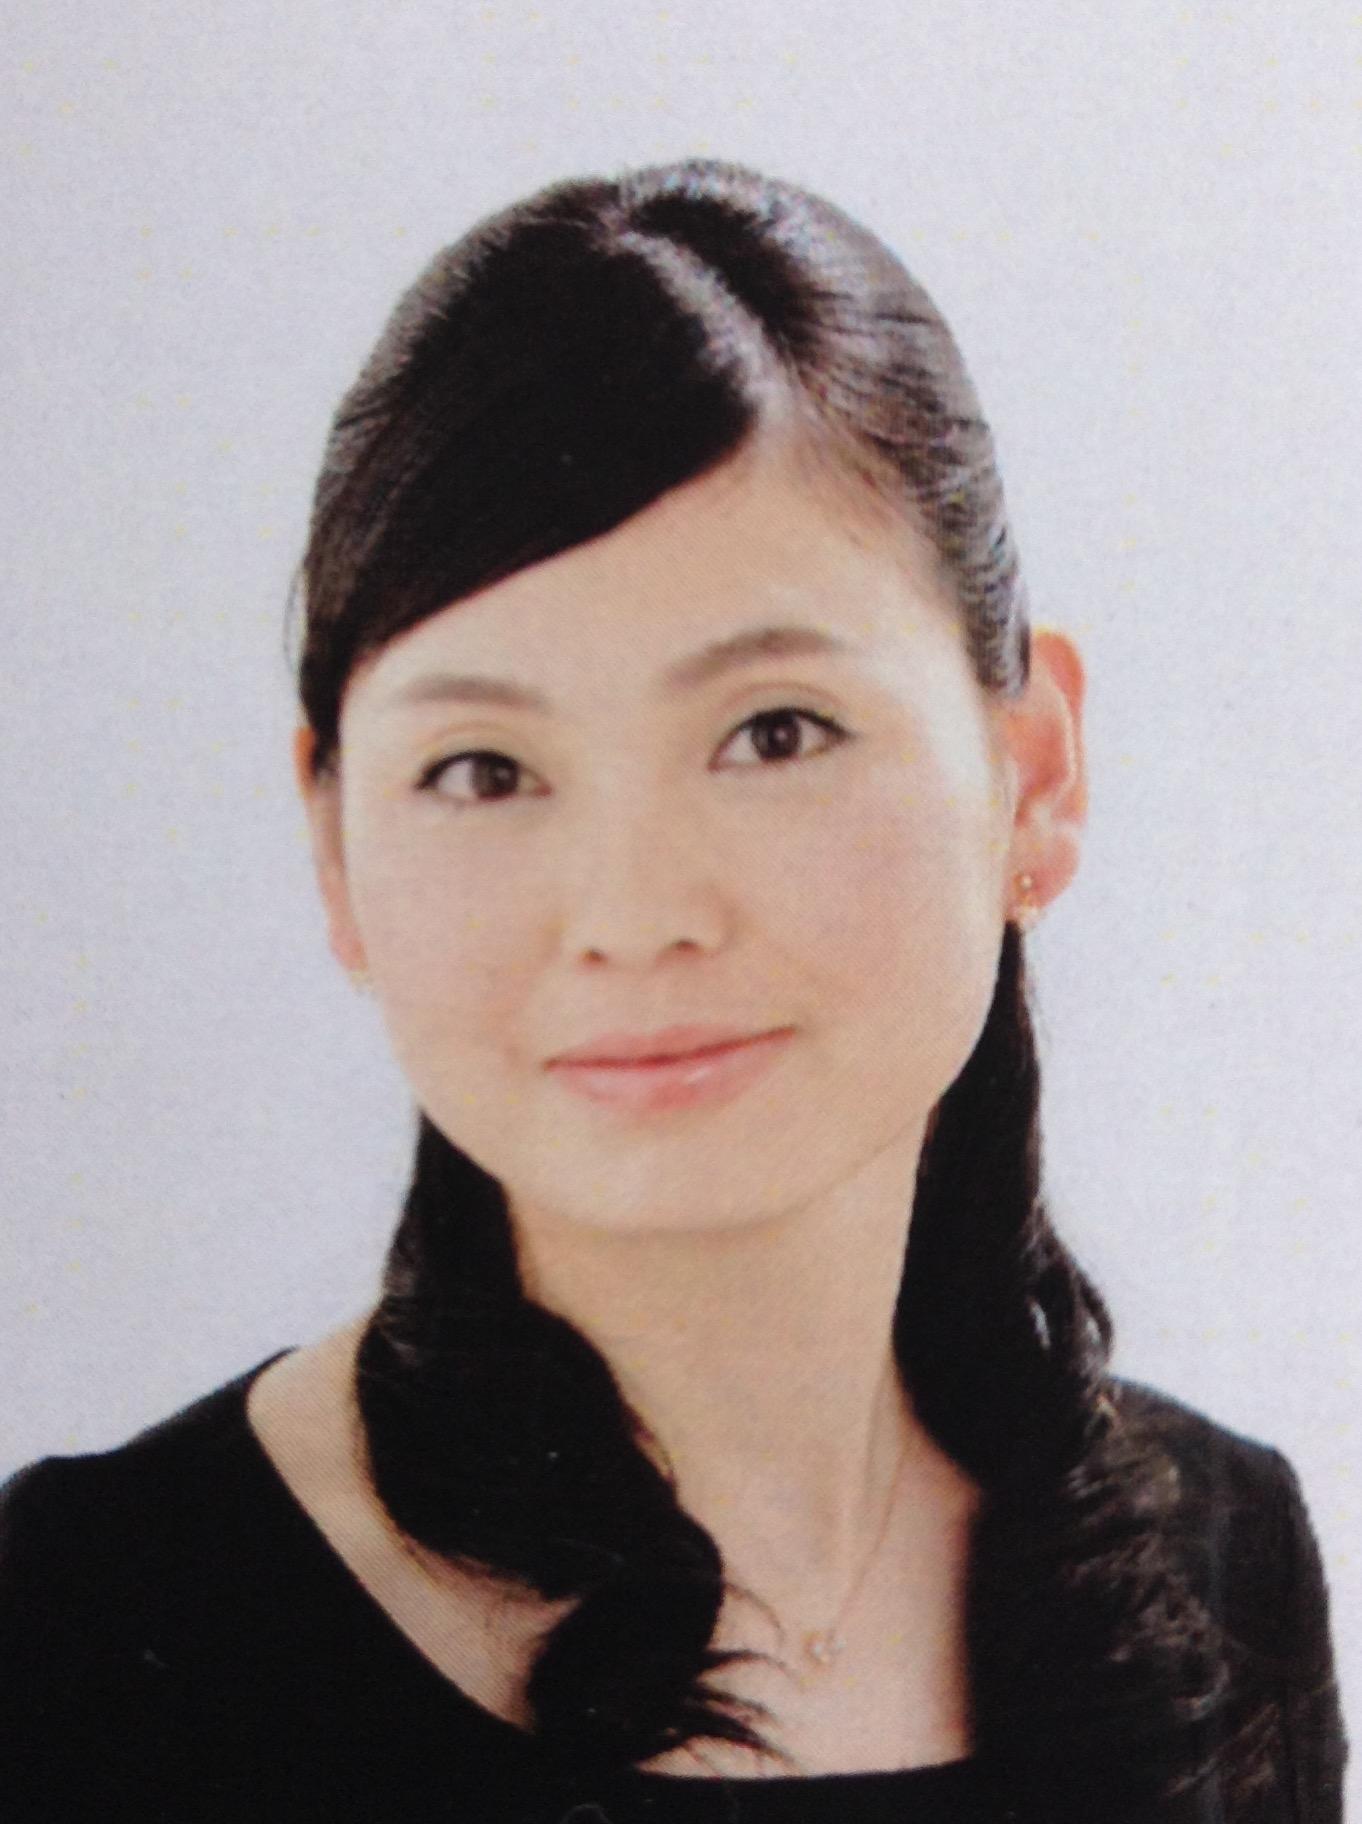 小松奈津子 (こまつ なつこ)